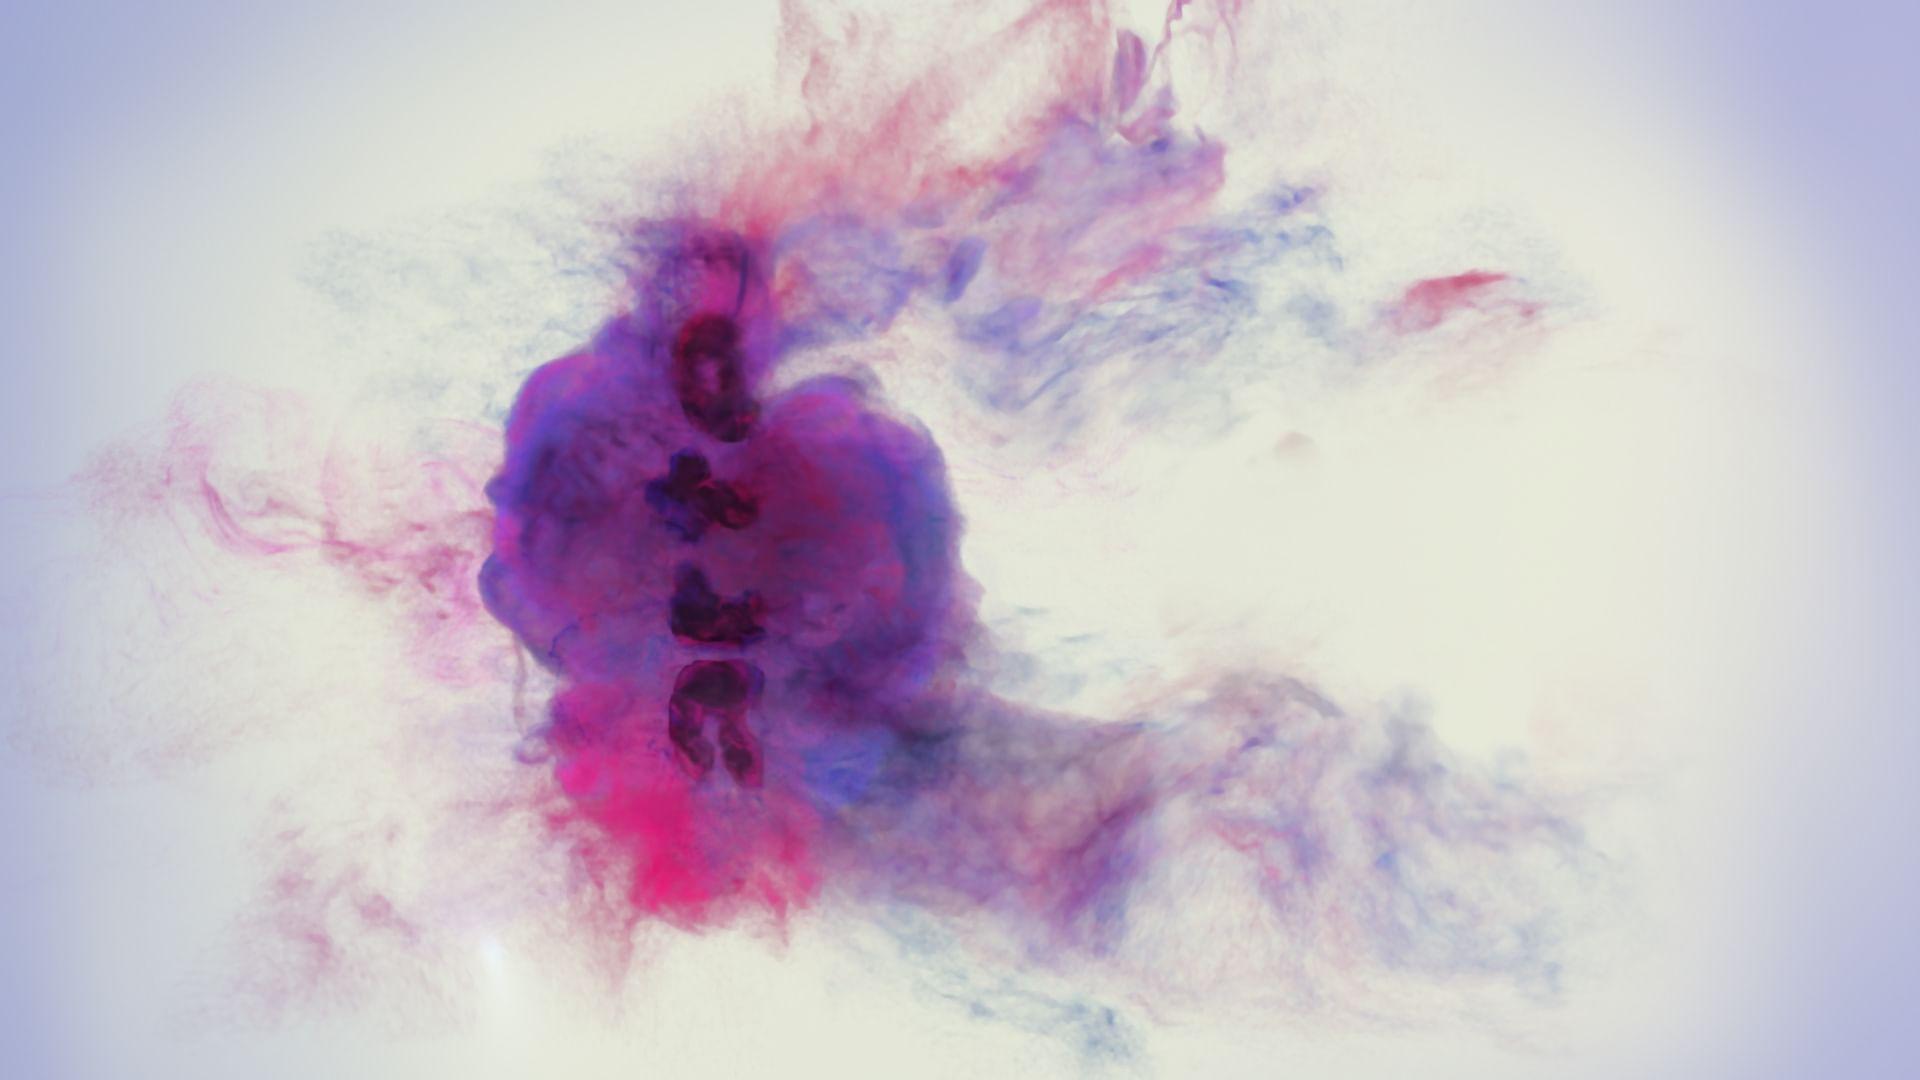 Wer sind die wahren Opfer von Online-Betrügern aus Nigeria?